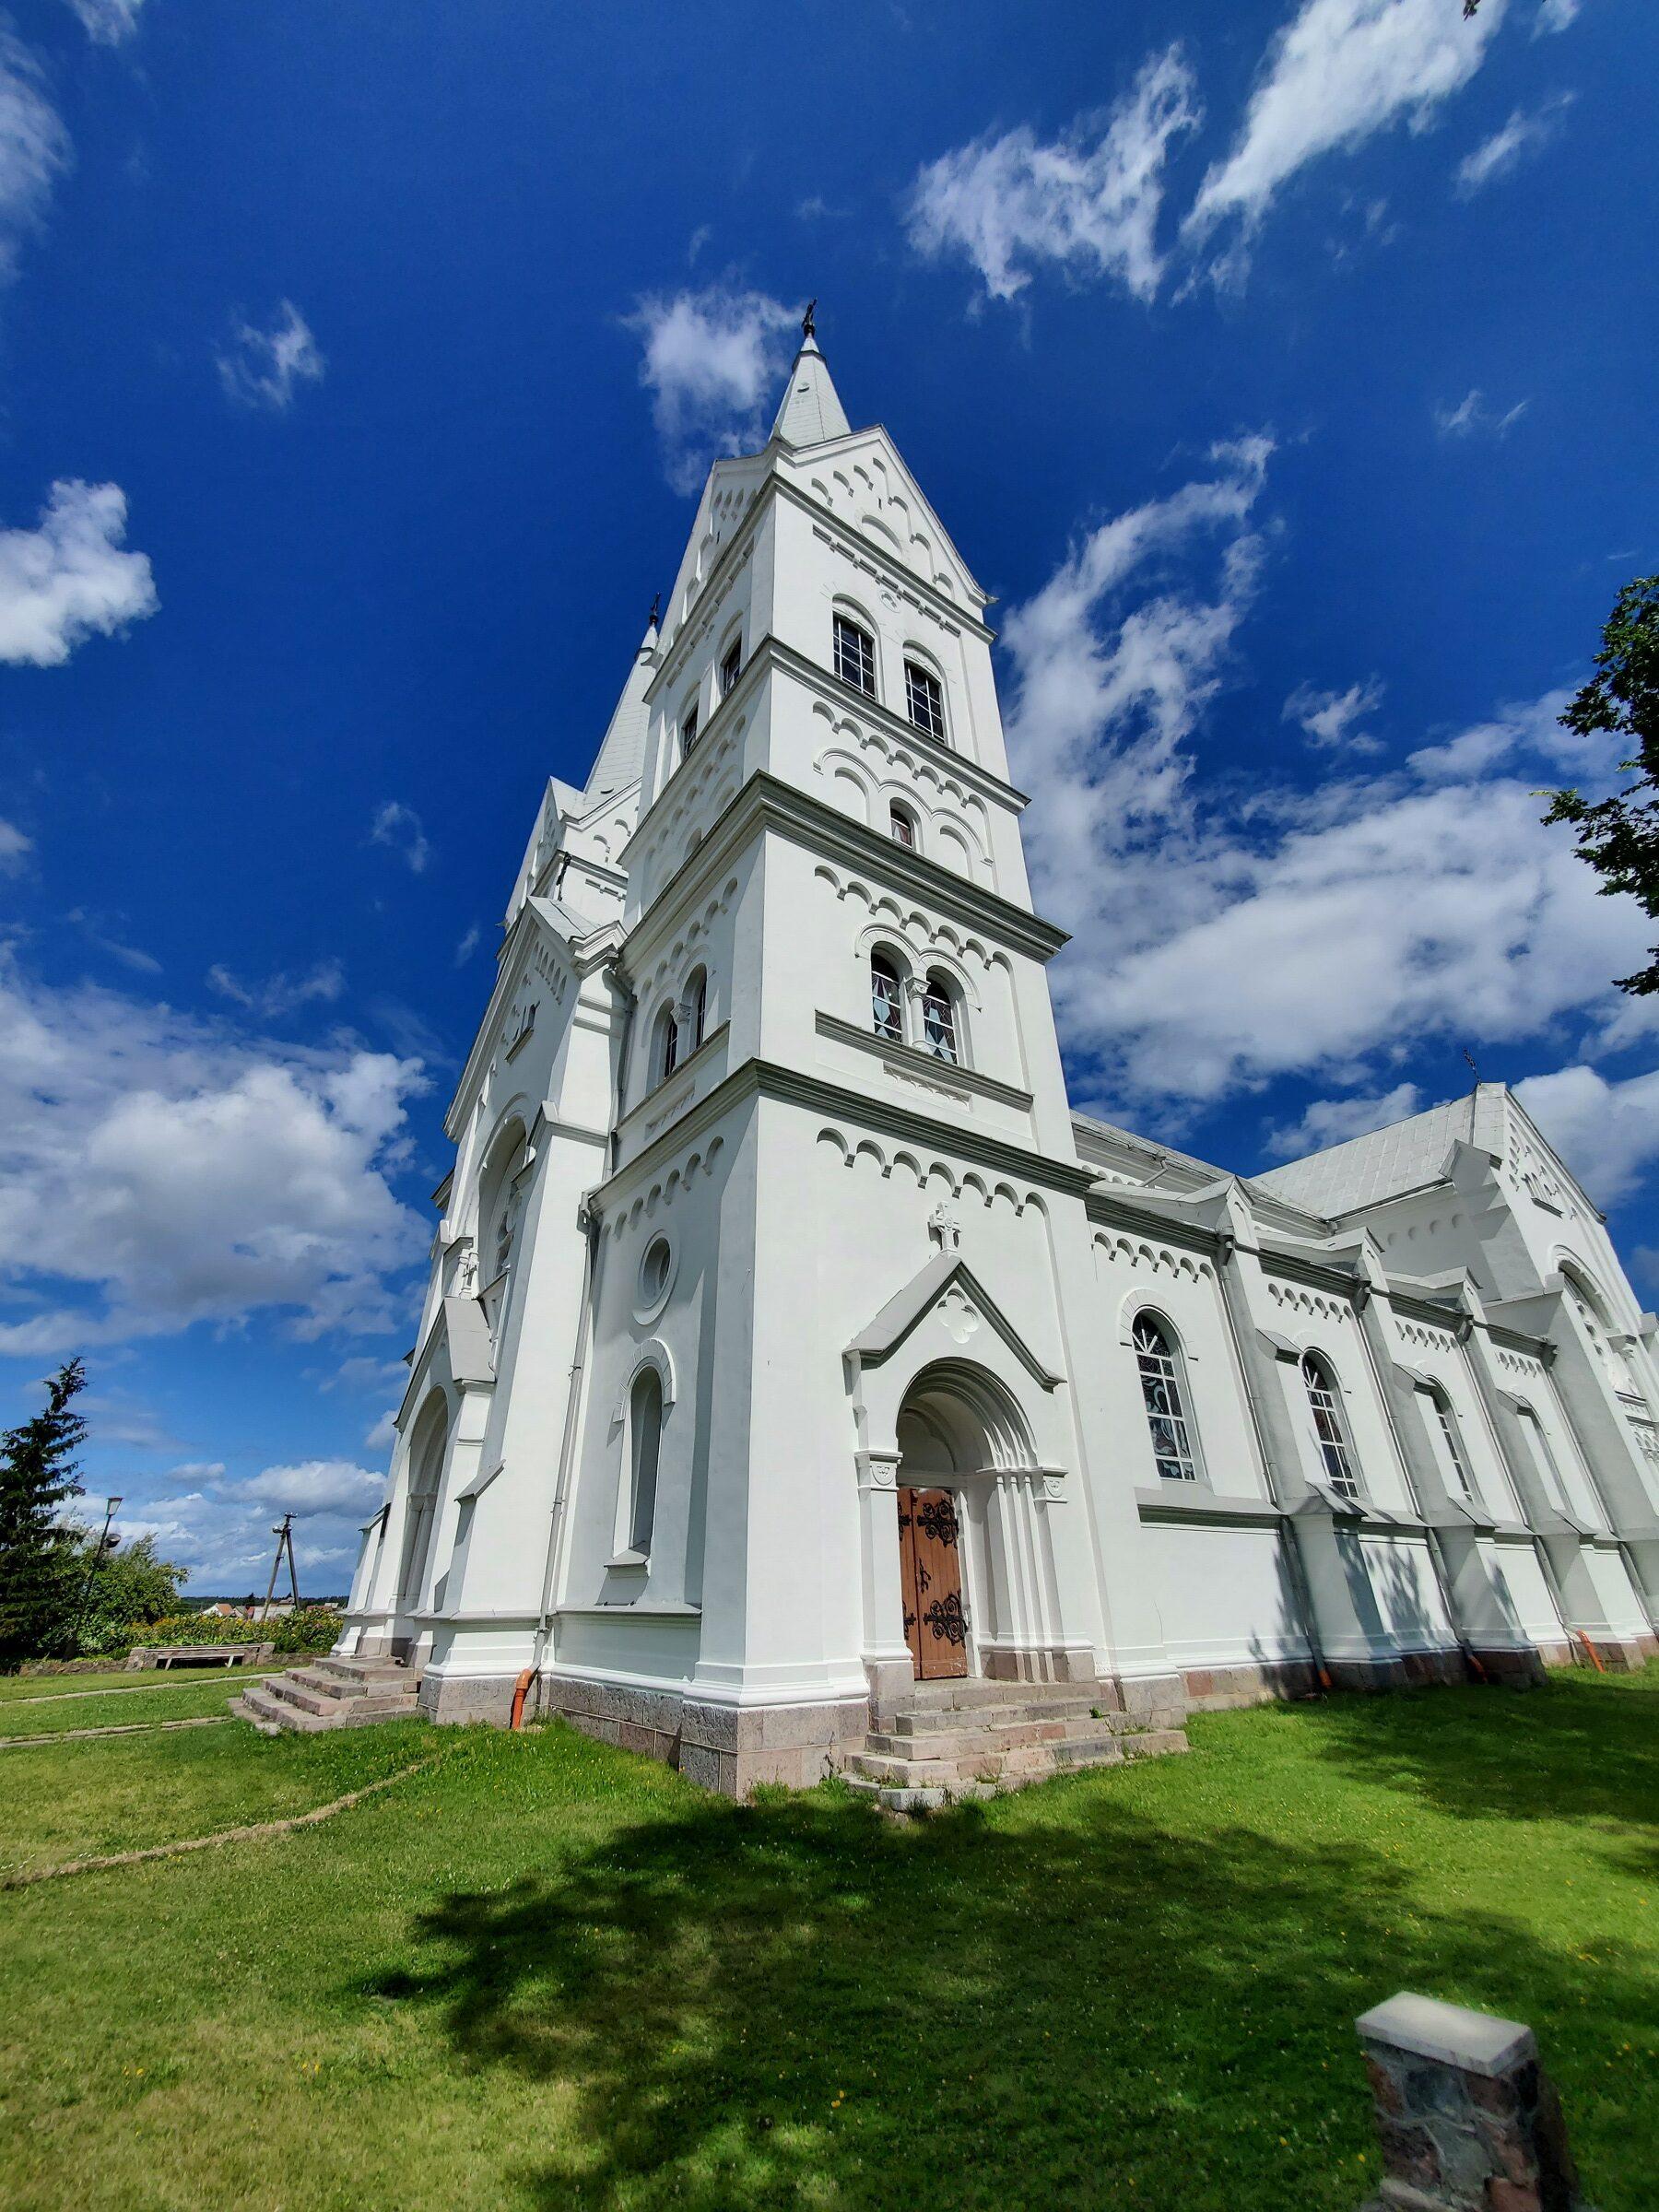 20200730 142418 rotated - Костел Божьего Провидения в Слободке